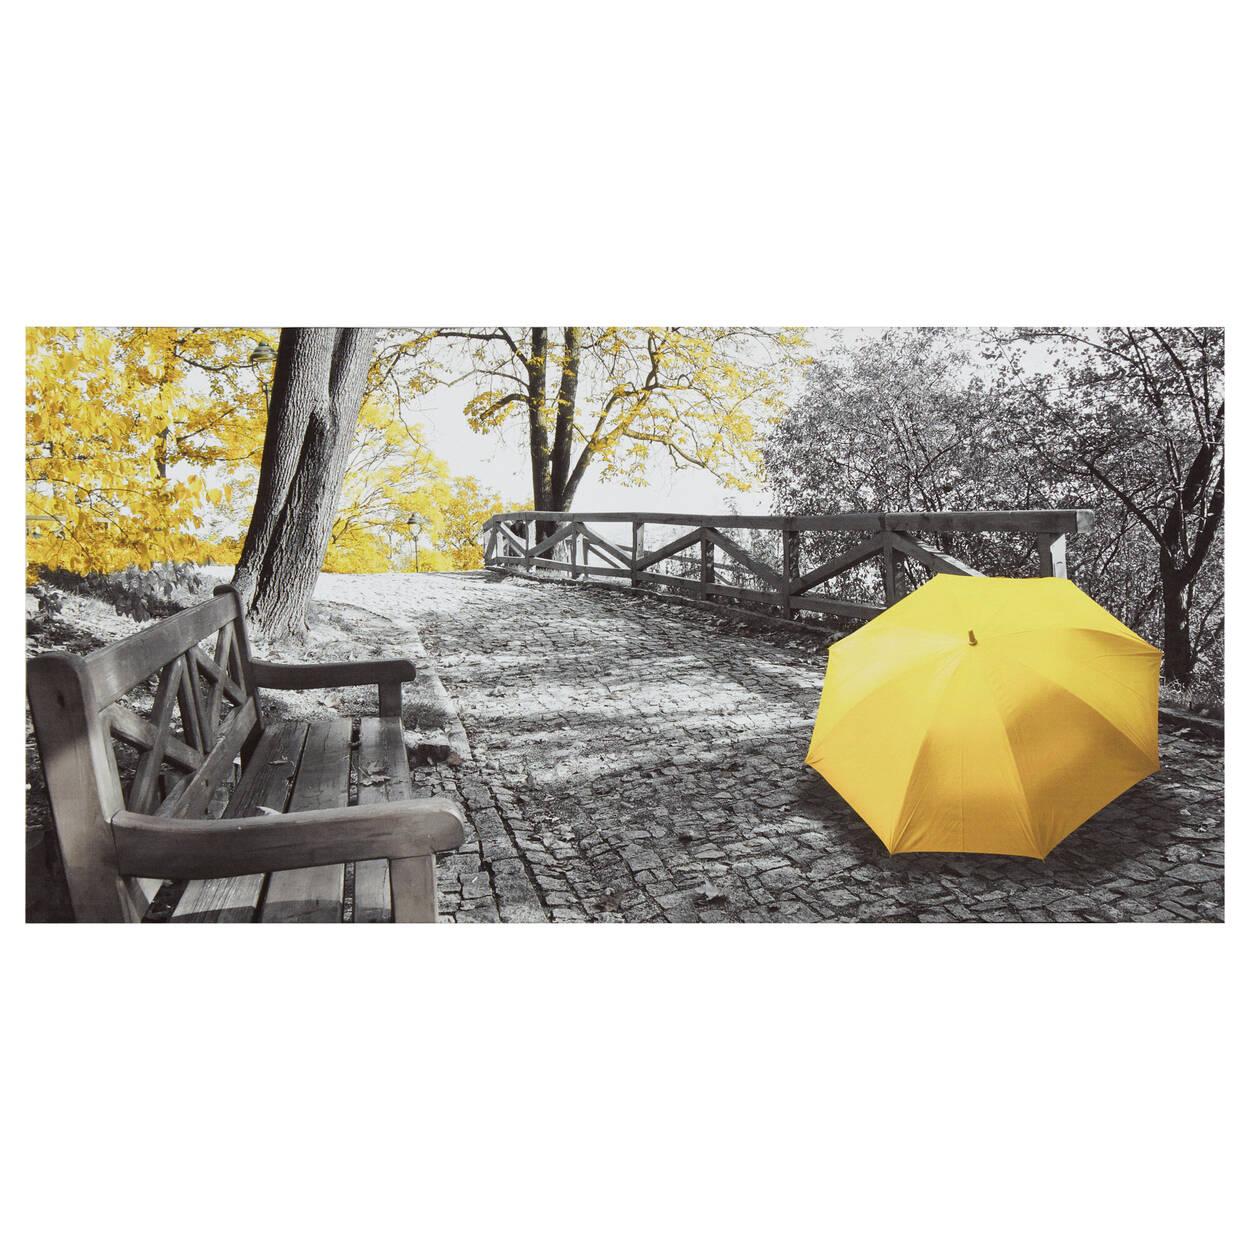 Tableau imprimé d'un parapluie dans un parc